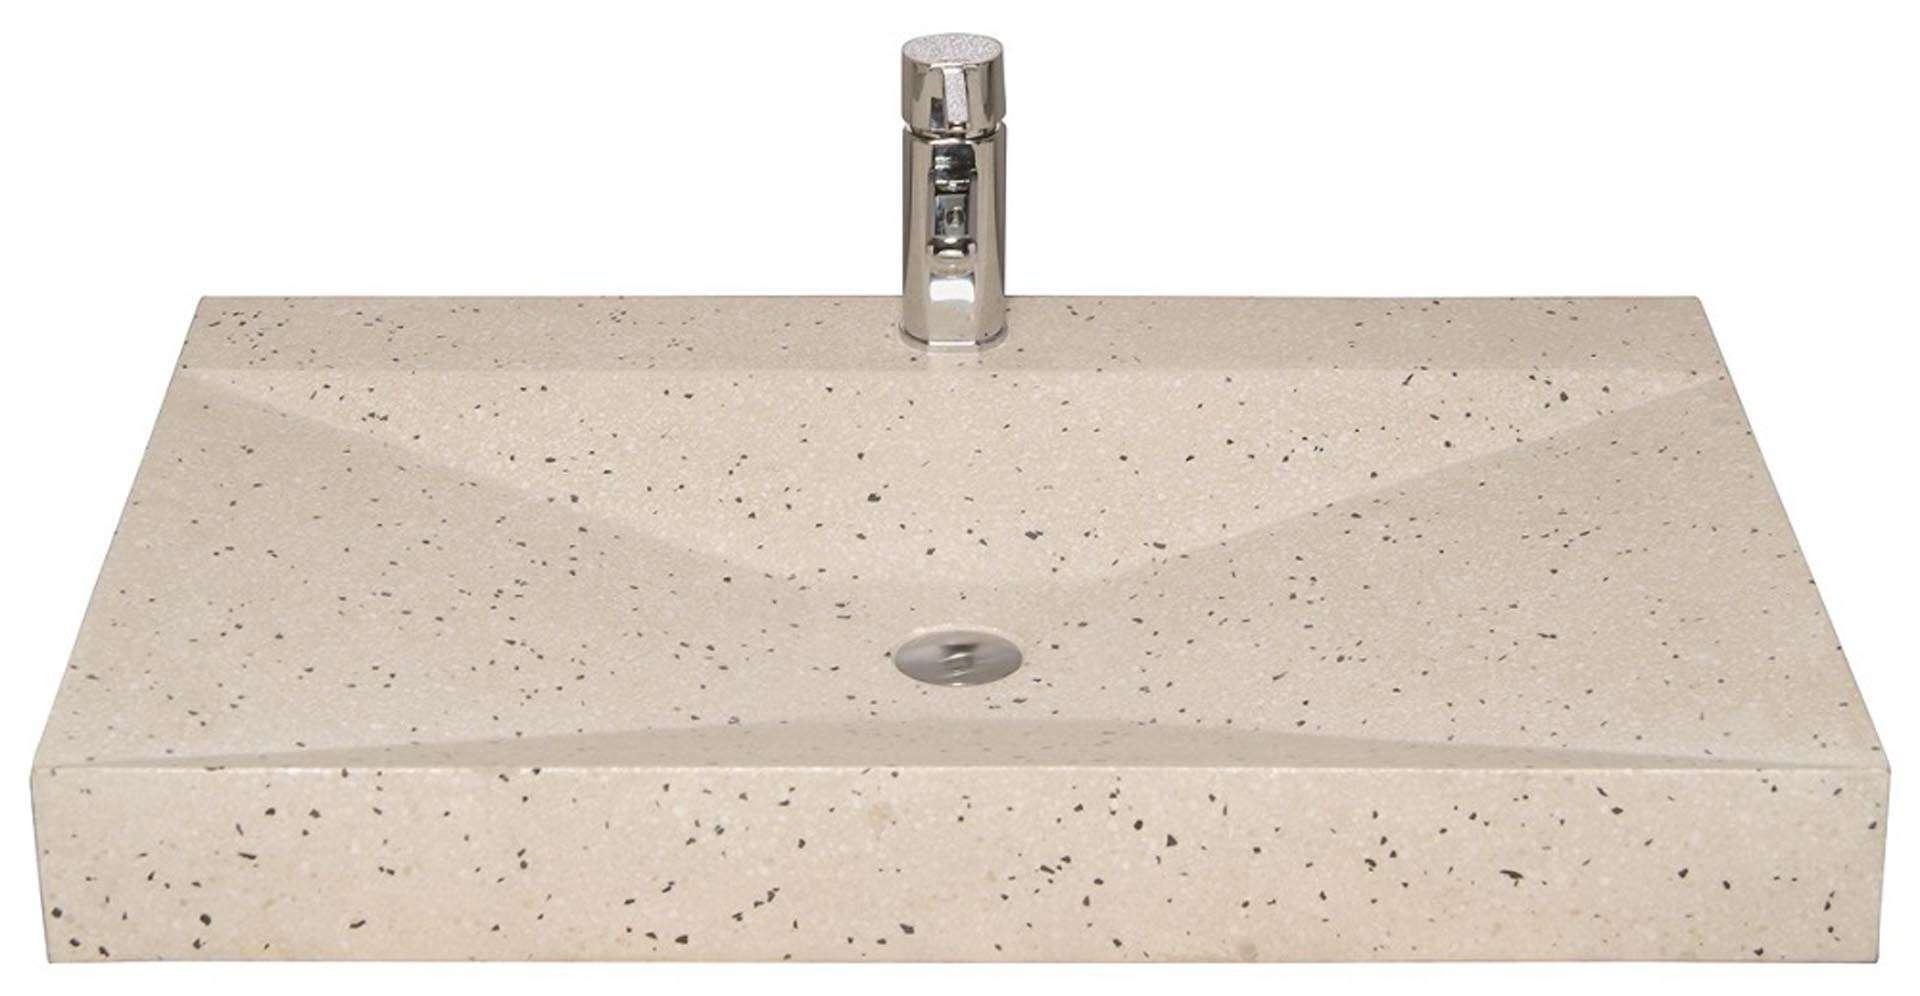 Håndvask i lys terrazzo med flotte kanter